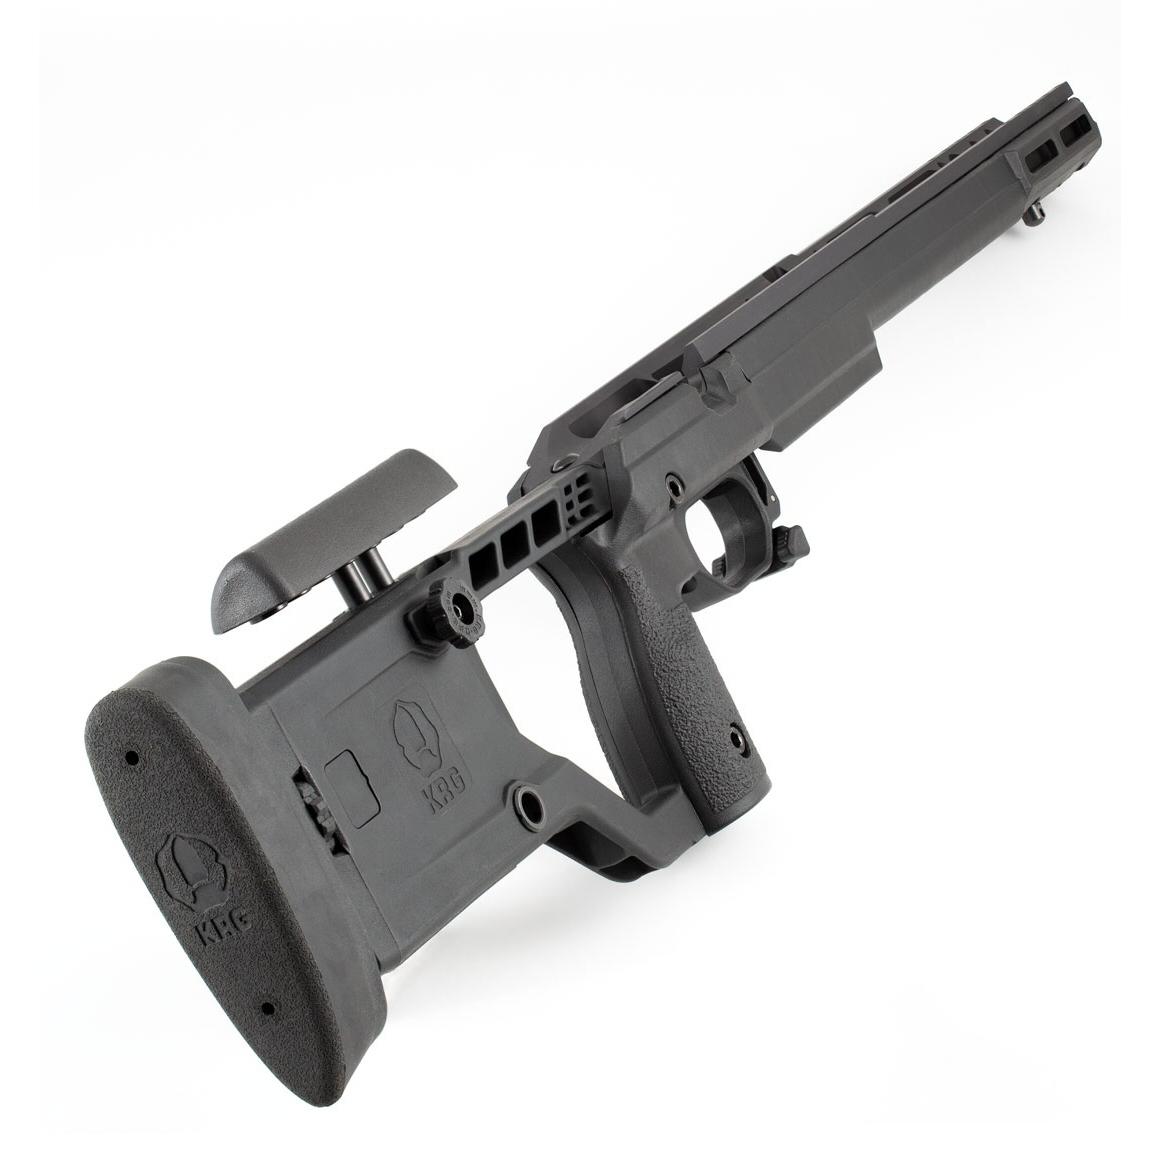 KRG X-Ray Rifle Chassis Remington 700 SA Black